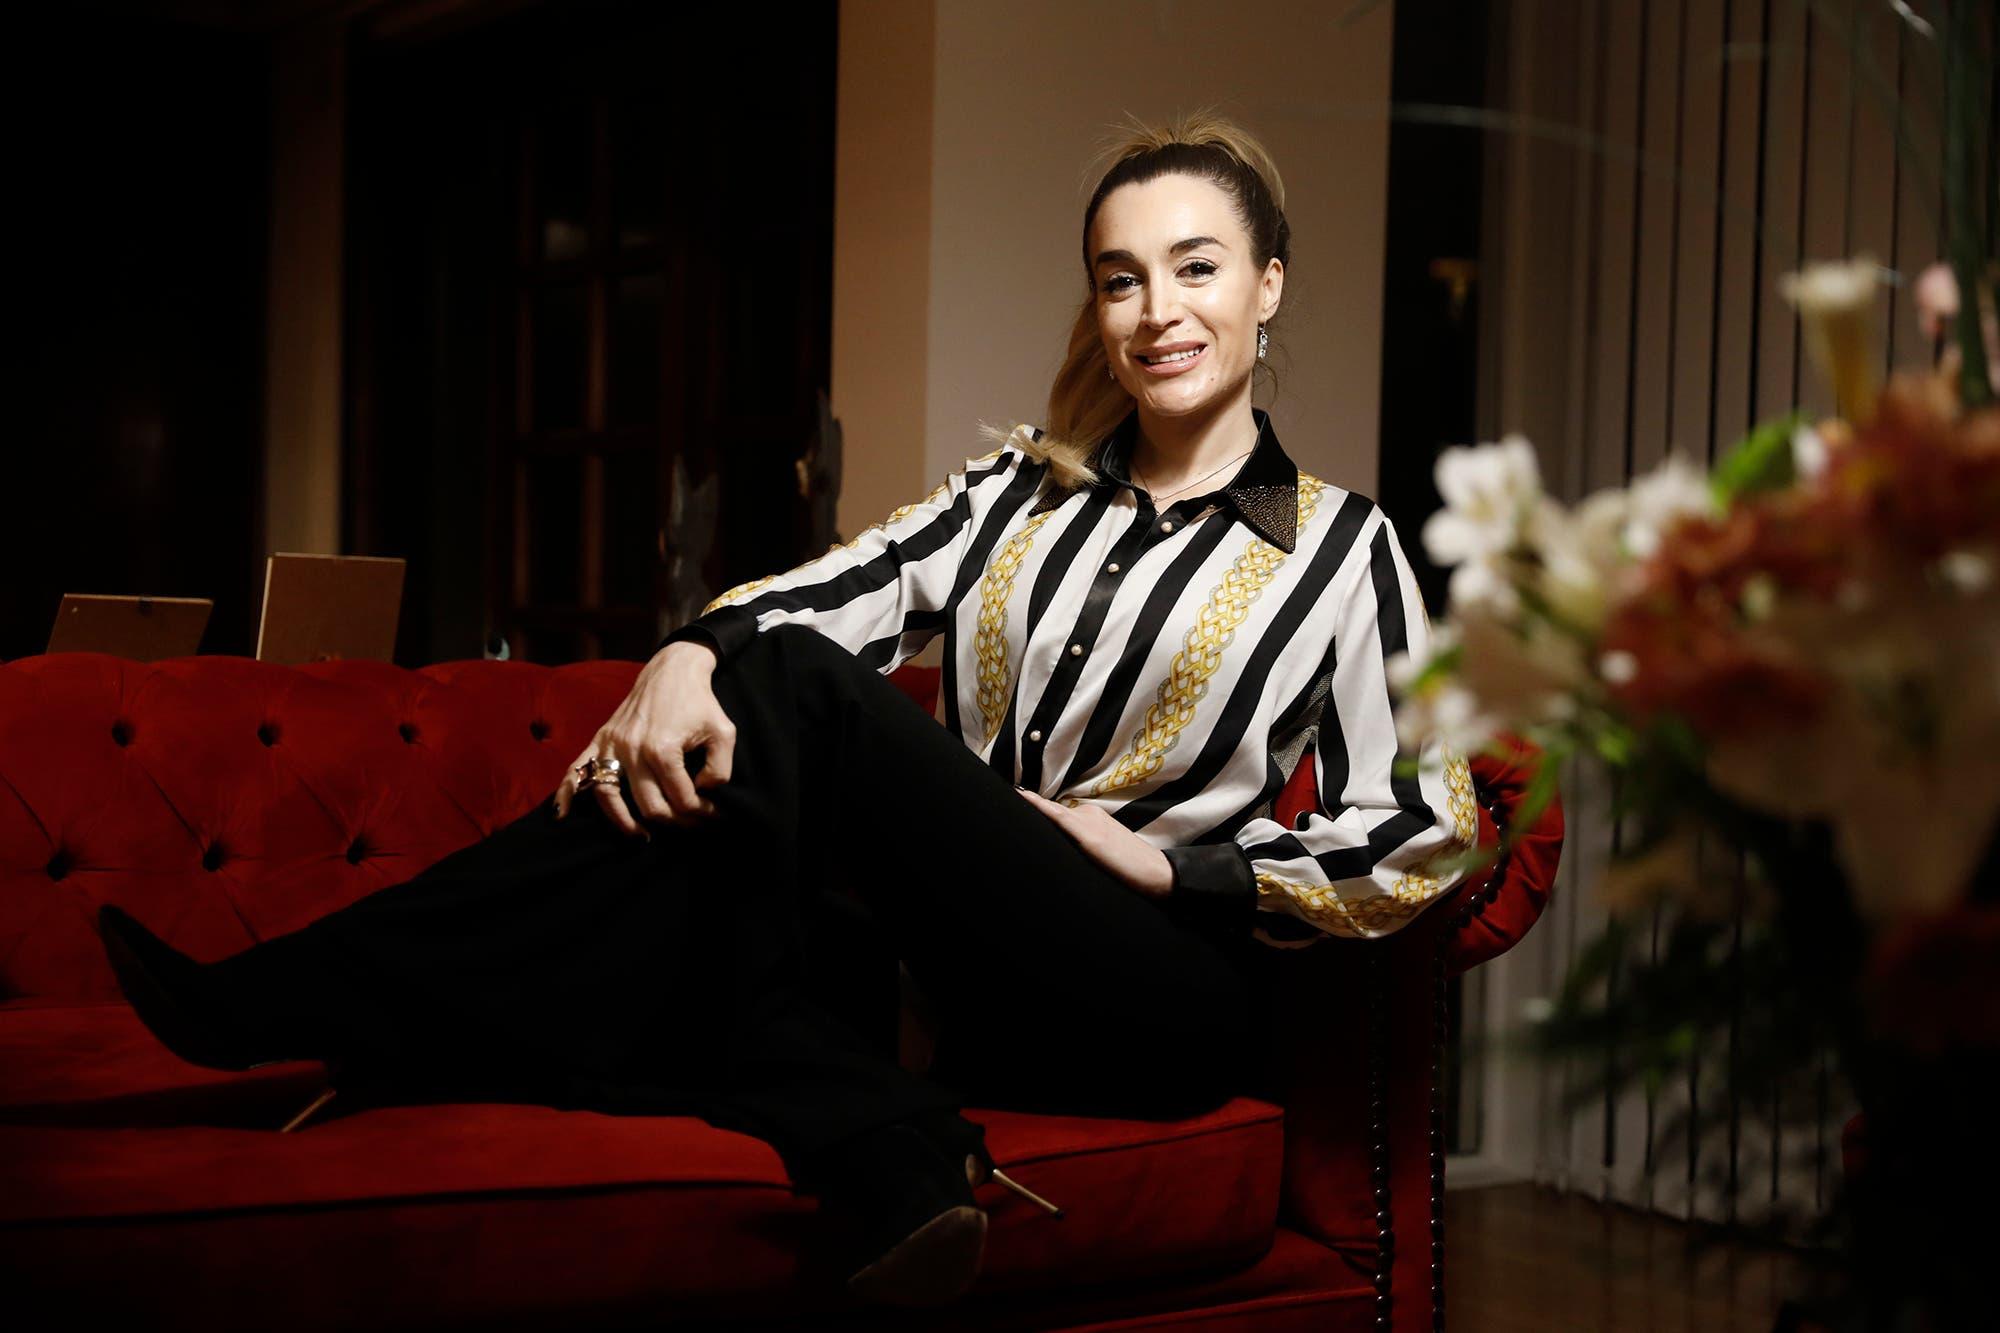 El show vía streaming de Fátima Florez despertó quejas y críticas en las redes sociales